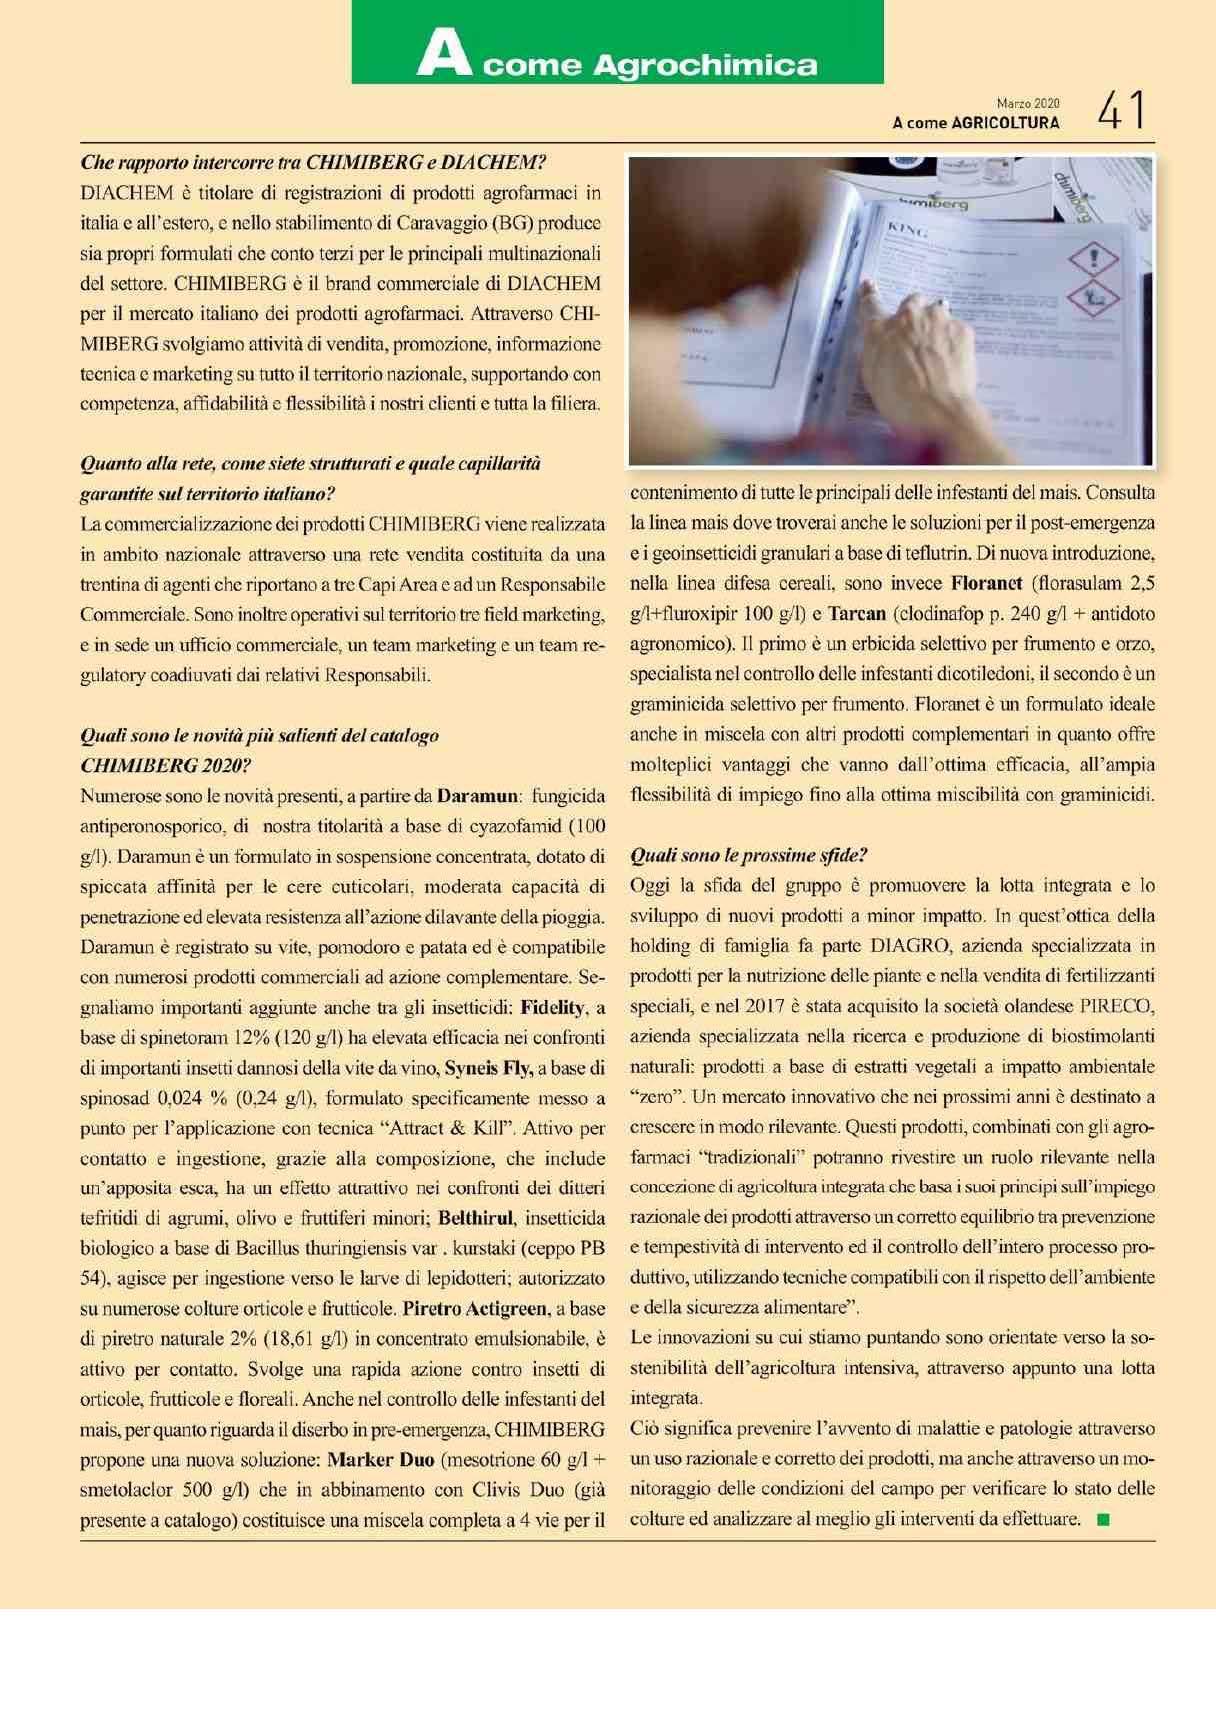 """Pag. 41 rivista """"A"""" come Agricoltura"""